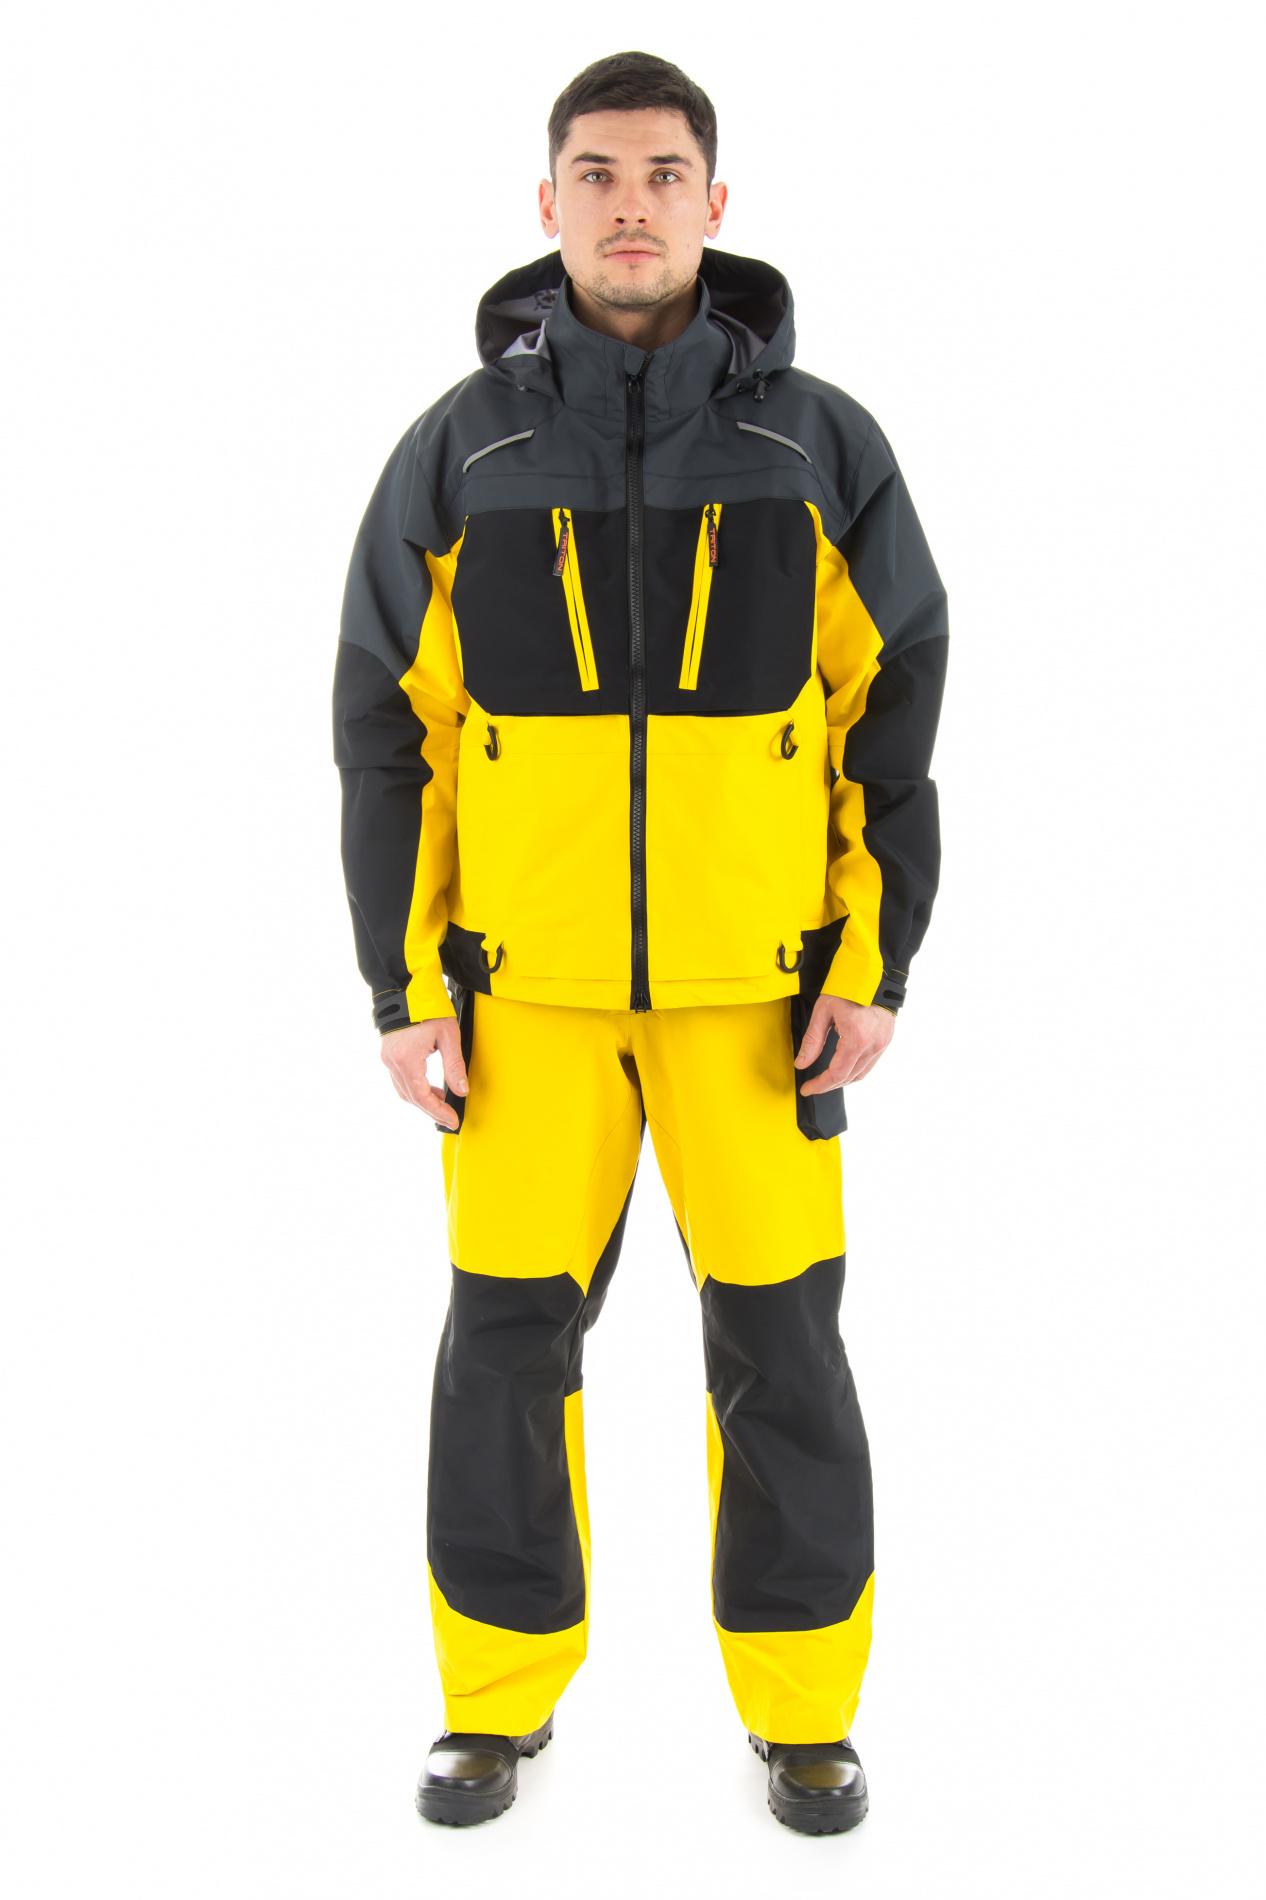 Костюм Extreme (Таслан/Желтый, серый, черный) Костюмы неутепленные<br>Костюм Extreme состоит из куртки и полукомбинезона, <br>разработан для рыбалки в летний период. <br>Удобный костюм не стесняющий движения, <br>изготовленный из качественного материала <br>с комбинированными по цветам тканями. Куртка: <br>1) Объемная укороченная куртка; 2) Анотомический <br>крой; 3) Наличие светоотражающих элементов; <br>4) 4 кармана на молнии; 5) Двойная регулировка <br>объема капюшона; 6) Имеется центральная <br>застёжкой-молния с внутренней защитной <br>планкой; 7) Проклееные швы; 8) Капюшон укладывается <br>в воротник; 9) Низ рукавов с хлястиками на <br>контактной ленте; 10) Низ куртки с эластичным <br>шнуром и фиксаторами. Полукомбинезон: 1) <br>Проклееные швы; 2) Анатомический крой; 3) <br>Наличие светоотражающих элементов; 4) 6 карманов: <br>4 кармана на молнии, 2 нижних накладных кармана <br>увеличивающиеся в объеме; 5) Низ брюк с хлястиками <br>на контактной ленте; 6) По боковому шву от <br>середины бедра молния с защитной планкой <br>до низа; 7) Полукомбинезон на эластичных <br>помочах с фастексами и пряжками. Куртка: <br>1. Центральная дух замковая молния; 2. 4 кармана <br>с тесьмой молния; 3. Капюшон регулируется <br>по объему; 4. Объем низа рукава негулируется <br>патой с контактной лентой.<br><br>Пол: мужской<br>Размер: 52-54<br>Рост: 182-188<br>Сезон: зима<br>Цвет: желтый